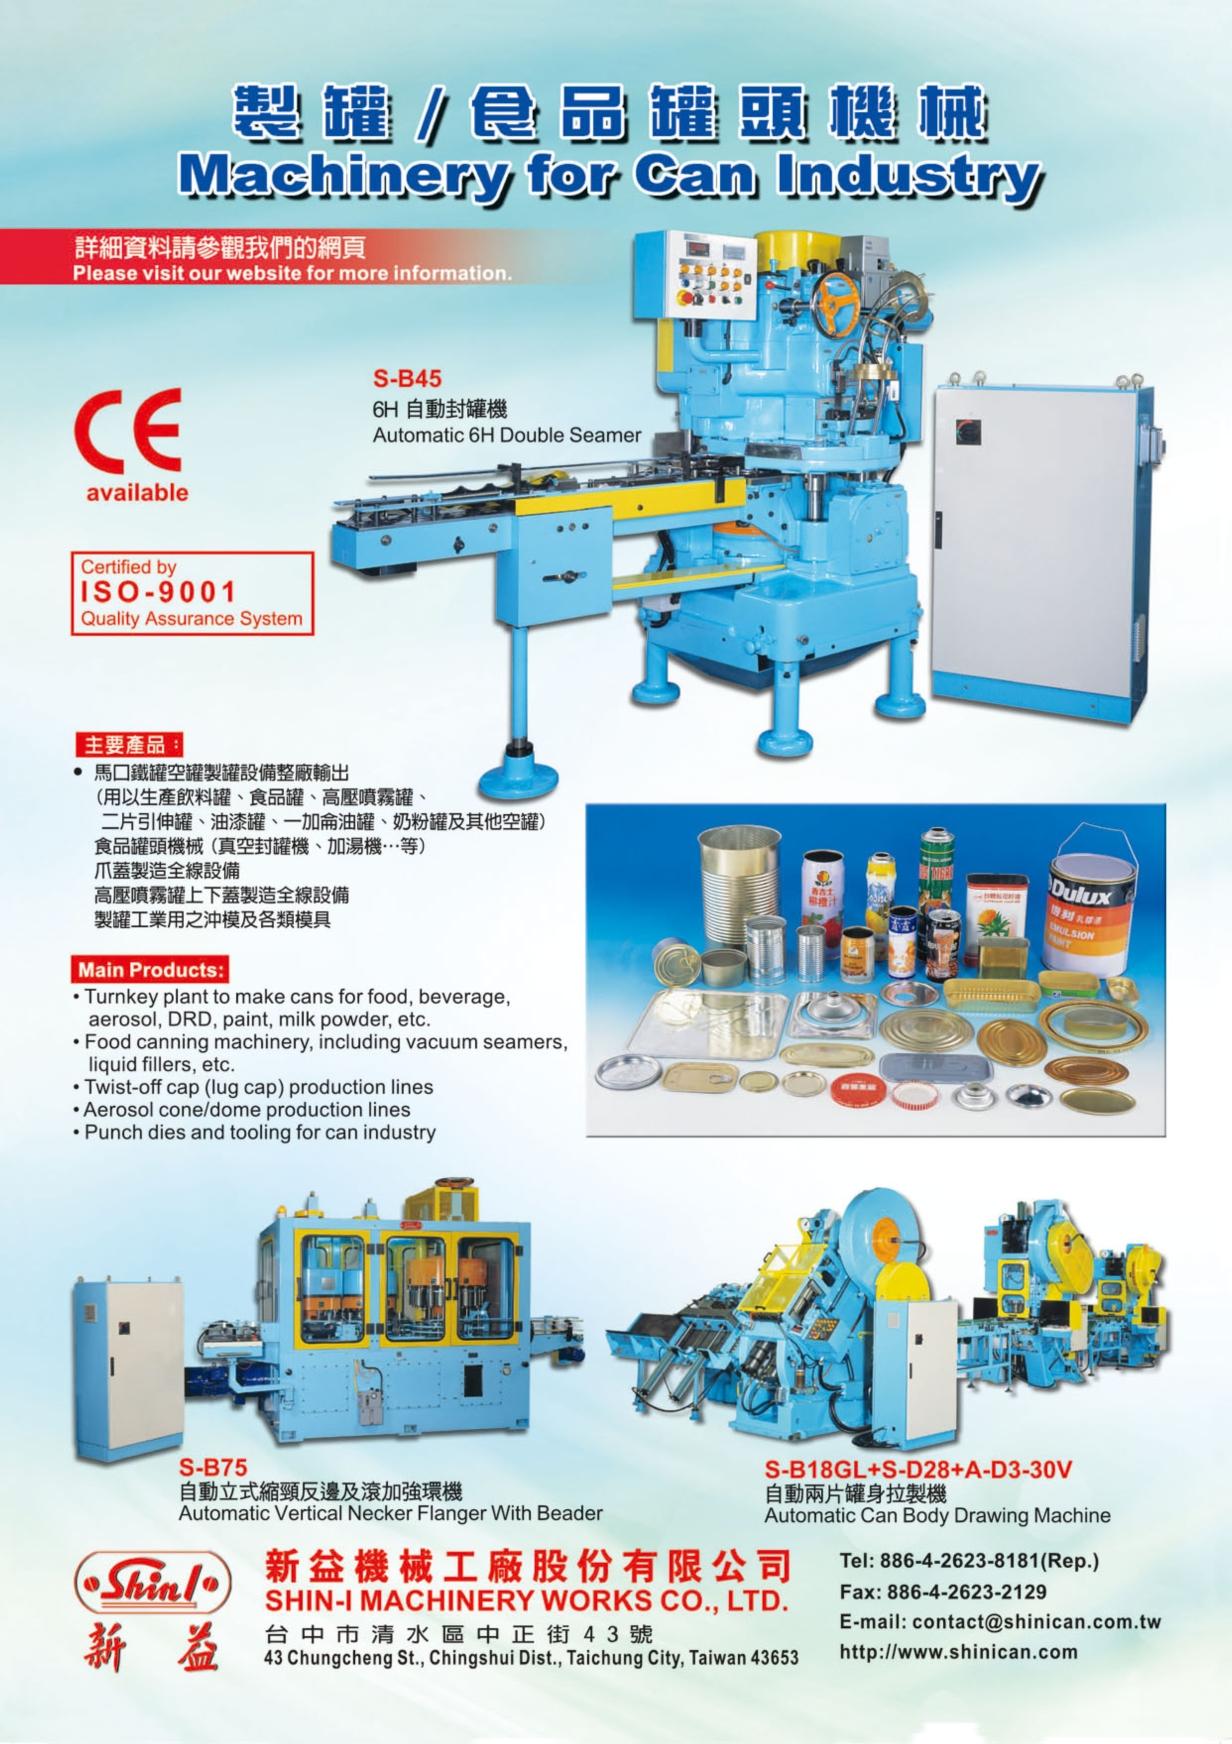 台湾机械制造厂商名录 新益机械工厂股份有限公司